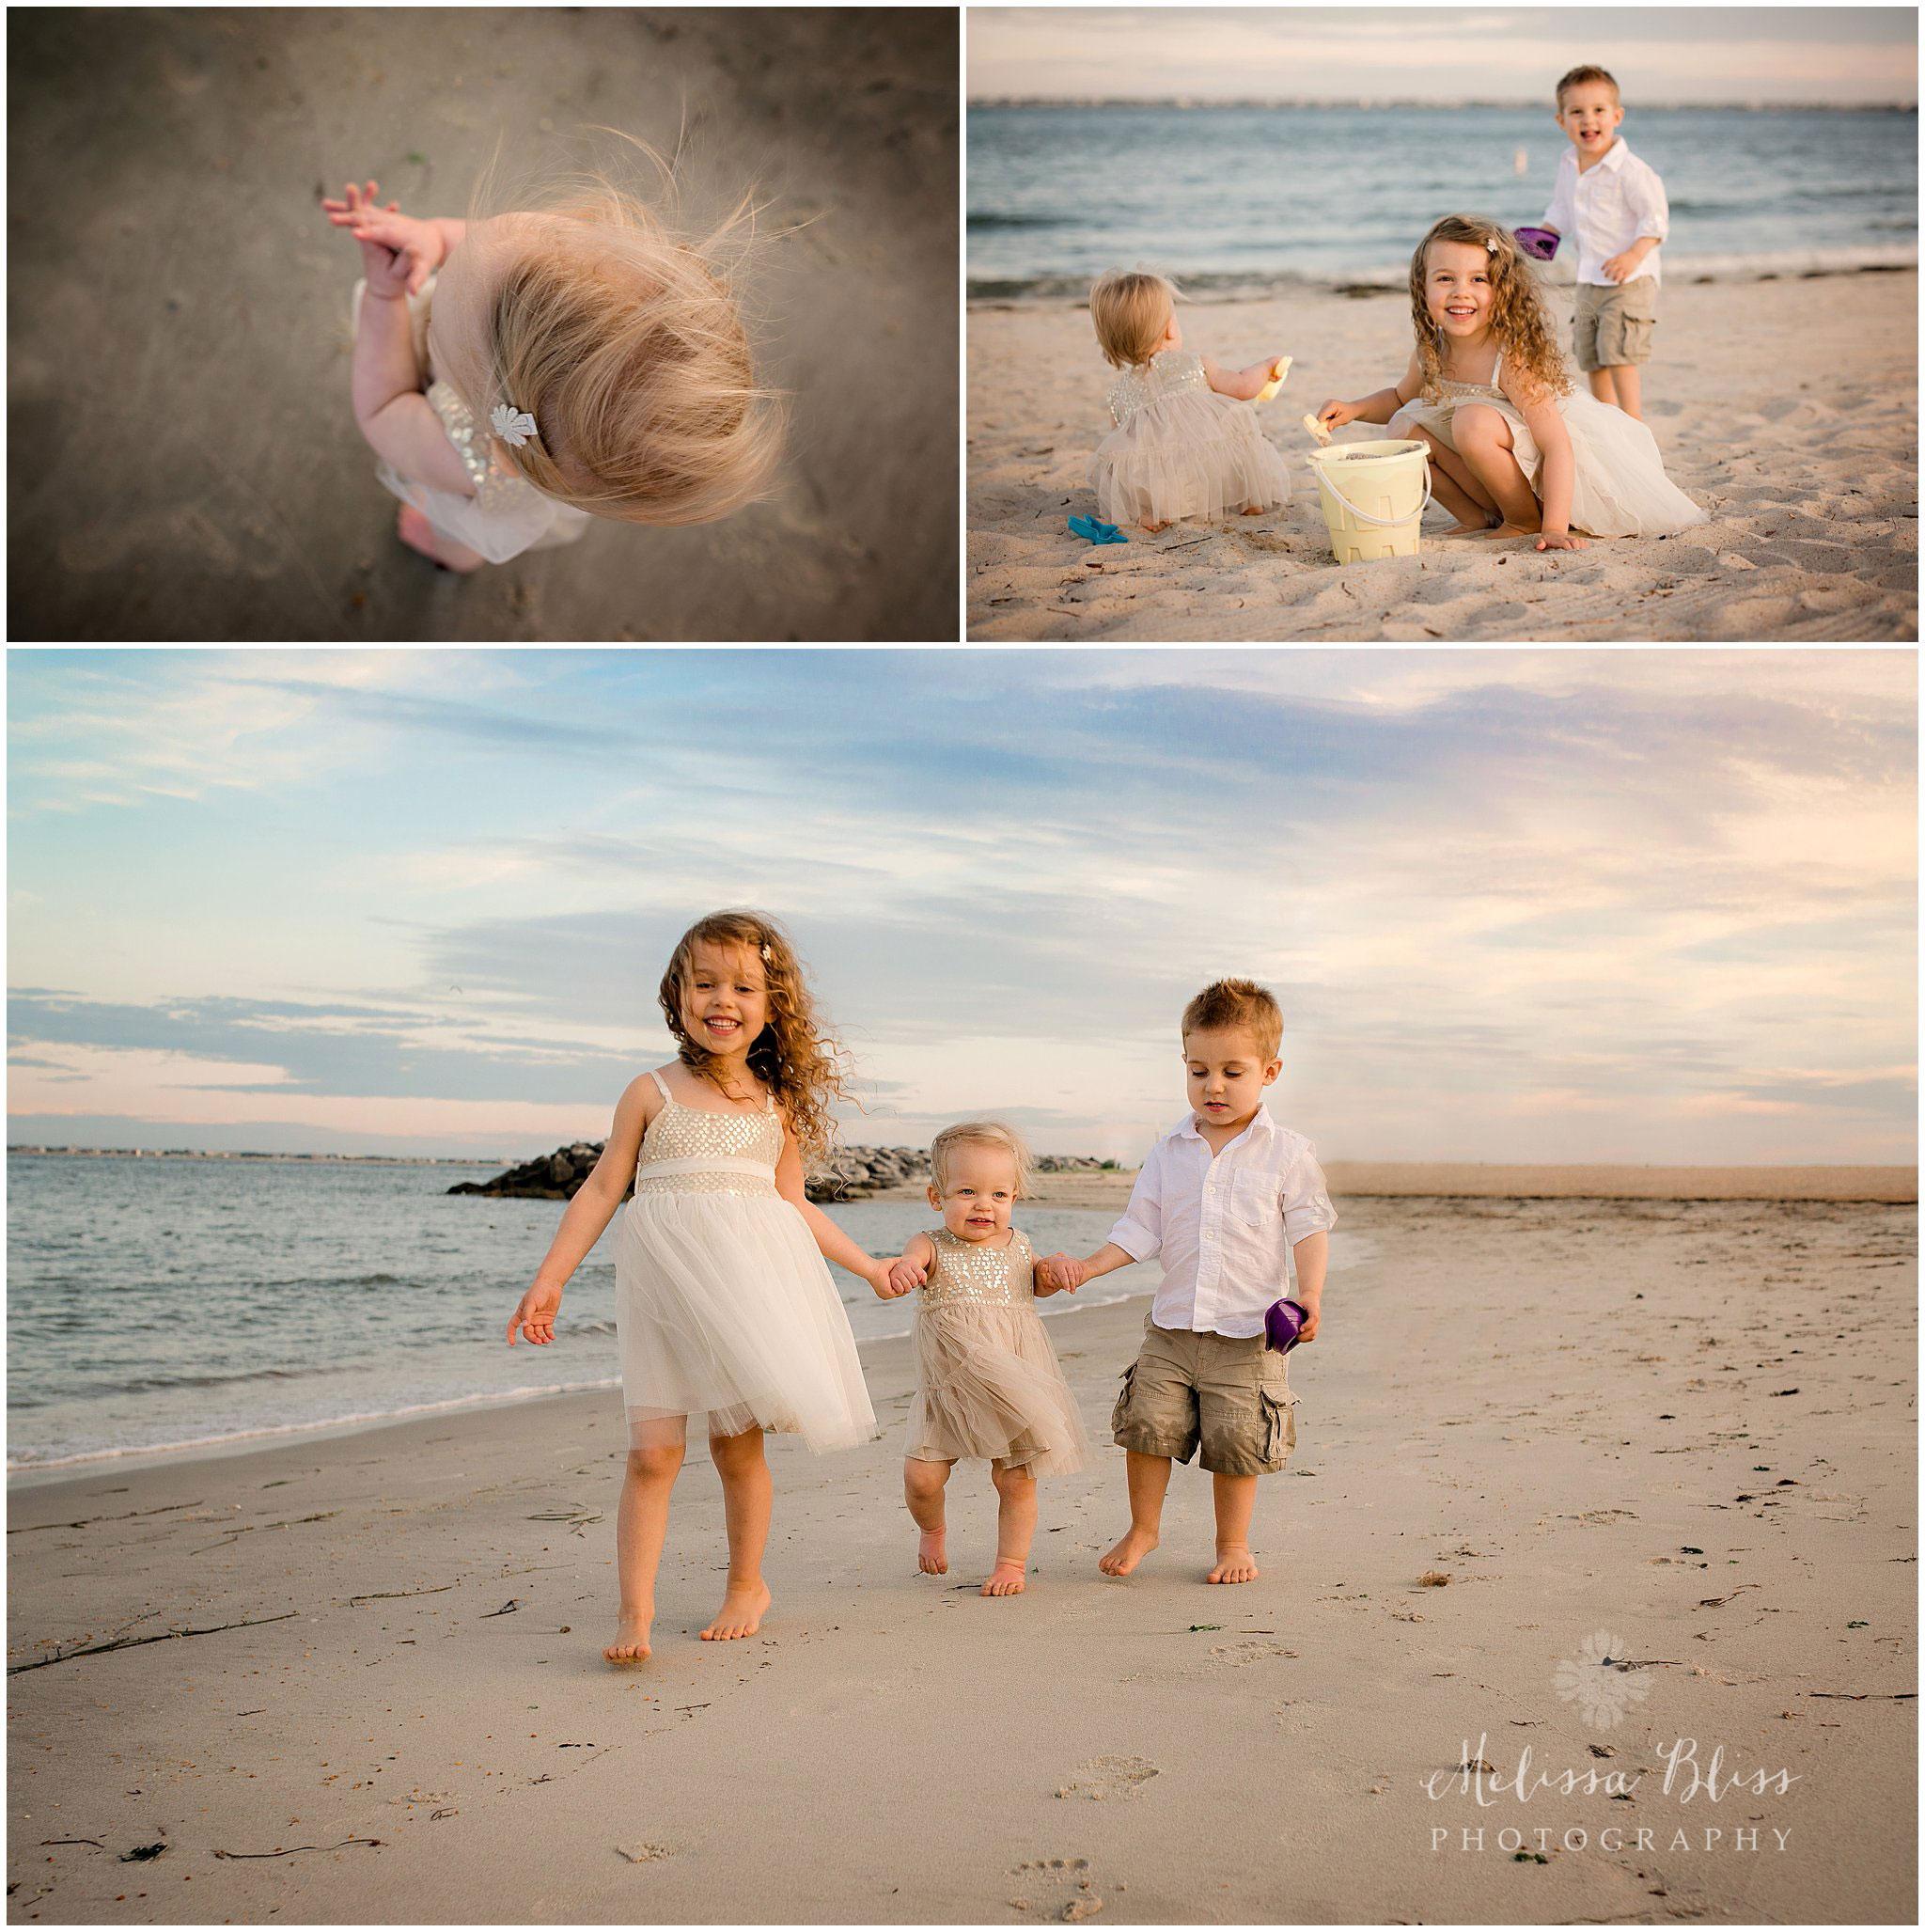 virginia-beach-sandbridge-beach-photographers-melissa-bliss-photography-family-lifestyle-photographer-va-beach